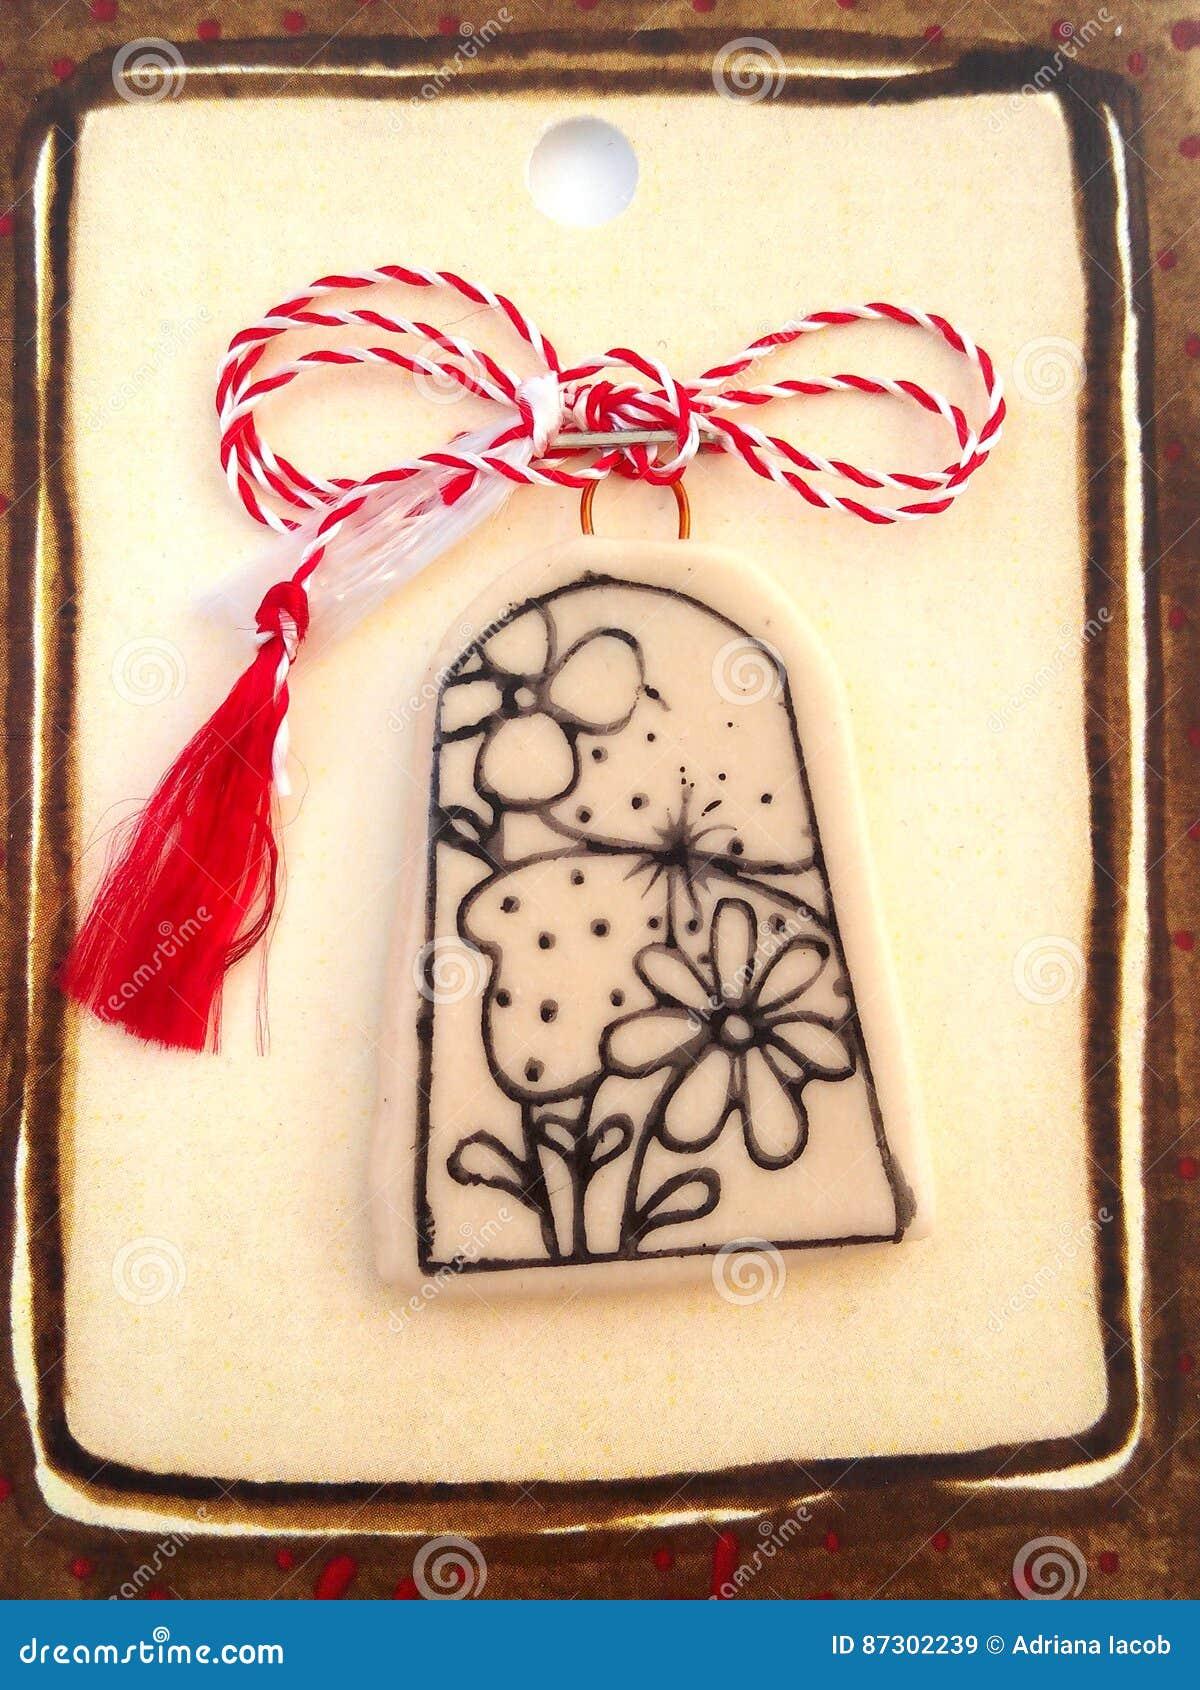 Medaglione floreale con corda rossa e bianca